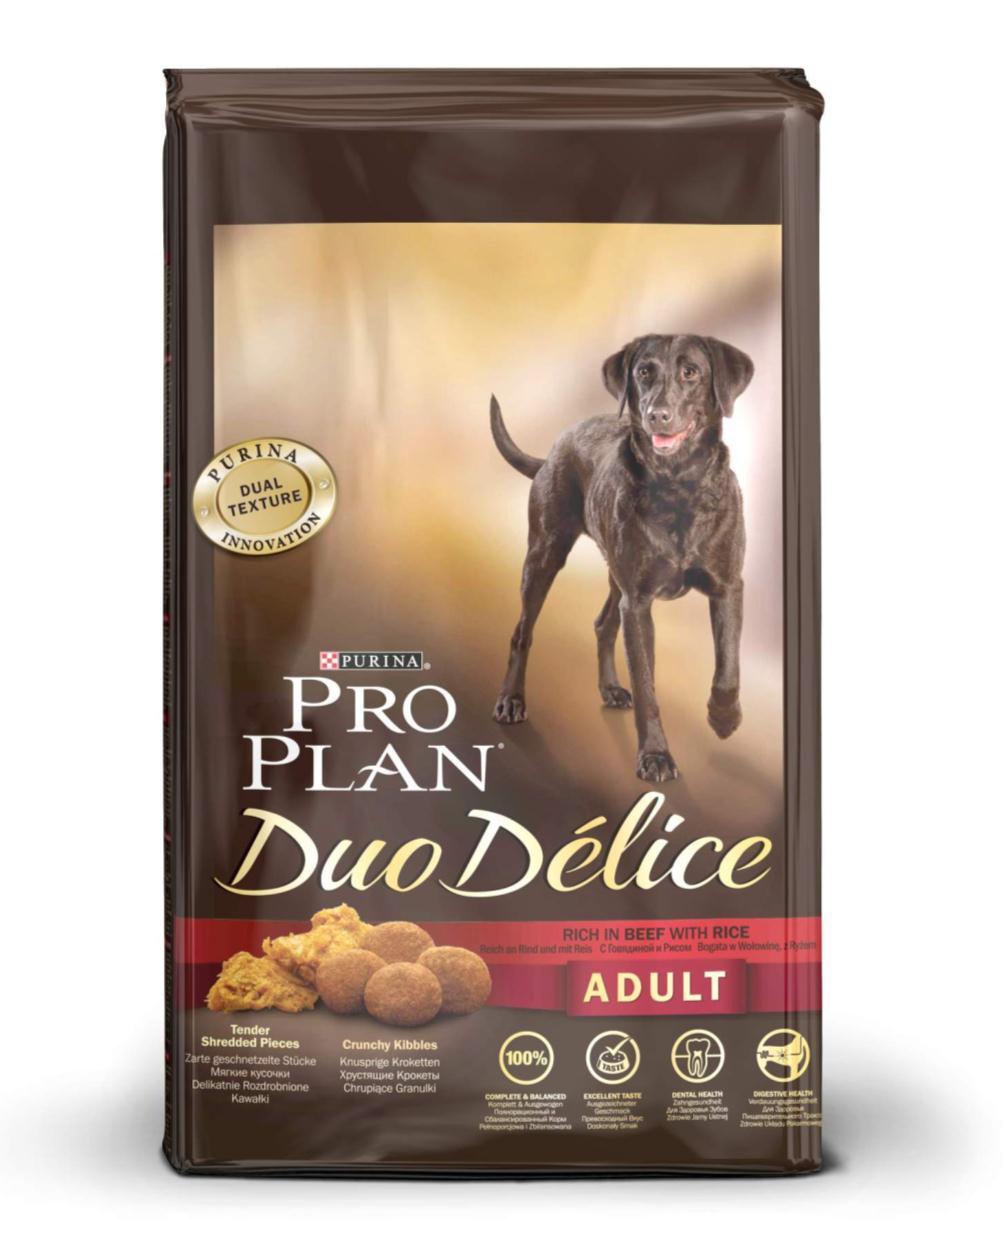 Корм сухой для собак Pro Plan Duo Delice, с говядиной и рисом, 10 кг12202614Сухой корм Pro Plan Duo Delice - это полнорационный корм для взрослых собак, с говядиной и рисом. Корм обеспечивает правильный баланс питательных веществ для поддержания здоровья и хорошего самочувствия взрослых собак. Тщательно отобранные ингредиенты и специально разработанный процесс приготовления обеспечивают высокую усвояемость корма, благодаря чему собаки получают необходимые им питательные вещества. Собаки обожают инновационное сочетание хрустящих крокет и мягких кусочков, в которых основным ингредиентом является говядина. Уникальное сочетание хрустящих крокет и мягких кусочков побуждает собаку с удовольствием пережевывать корм. Механическое воздействие хрустящих крокет на зубы вашей собаки, действует как зубная щетка, тем самым способствует уменьшению отложения зубного камня. Содержащаяся в корме клетчатка помогает поддерживать здоровье пищеварительного тракта, помогает улучшить качество стула, а белок из специально выбранных ингредиентов легко усваивается организмом собаки. Состав: говядина (17%), пшеница, кукуруза, сухой белок птицы, животный жир, пшеничный глютен, сухая мякоть свеклы, кукурузная крупа, рис (4%), минеральные вещества, вкусоароматическая кормовая добавка, пропиленгликоль, яичный порошок, рыбий жир, солодовая мука. Добавленные вещества (на 1 кг): витамин А 28200 МЕ; витамин D3 920 МЕ; витамин Е 610 МЕ; витамин С 220 мг; моногидрат сульфата железа 220 мг; йодат кальция 2,9 мг; сульфат медь 45 мг; моногидрат сульфата марганца 90 мг; моногидрат сульфата цинка 380 мг; селенит натрия 0,27 мг. Технологические добавки: экстракт токоферолов натурального происхождения 50 мг/кг. Гарантируемые показатели: белок 25%, жир 16%, сырая зола 8%, сырая клетчатка 2%, омега-3 жирные кислоты 0,3%, омега-6 жирные кислоты 1,6%. Товар сертифицирован.